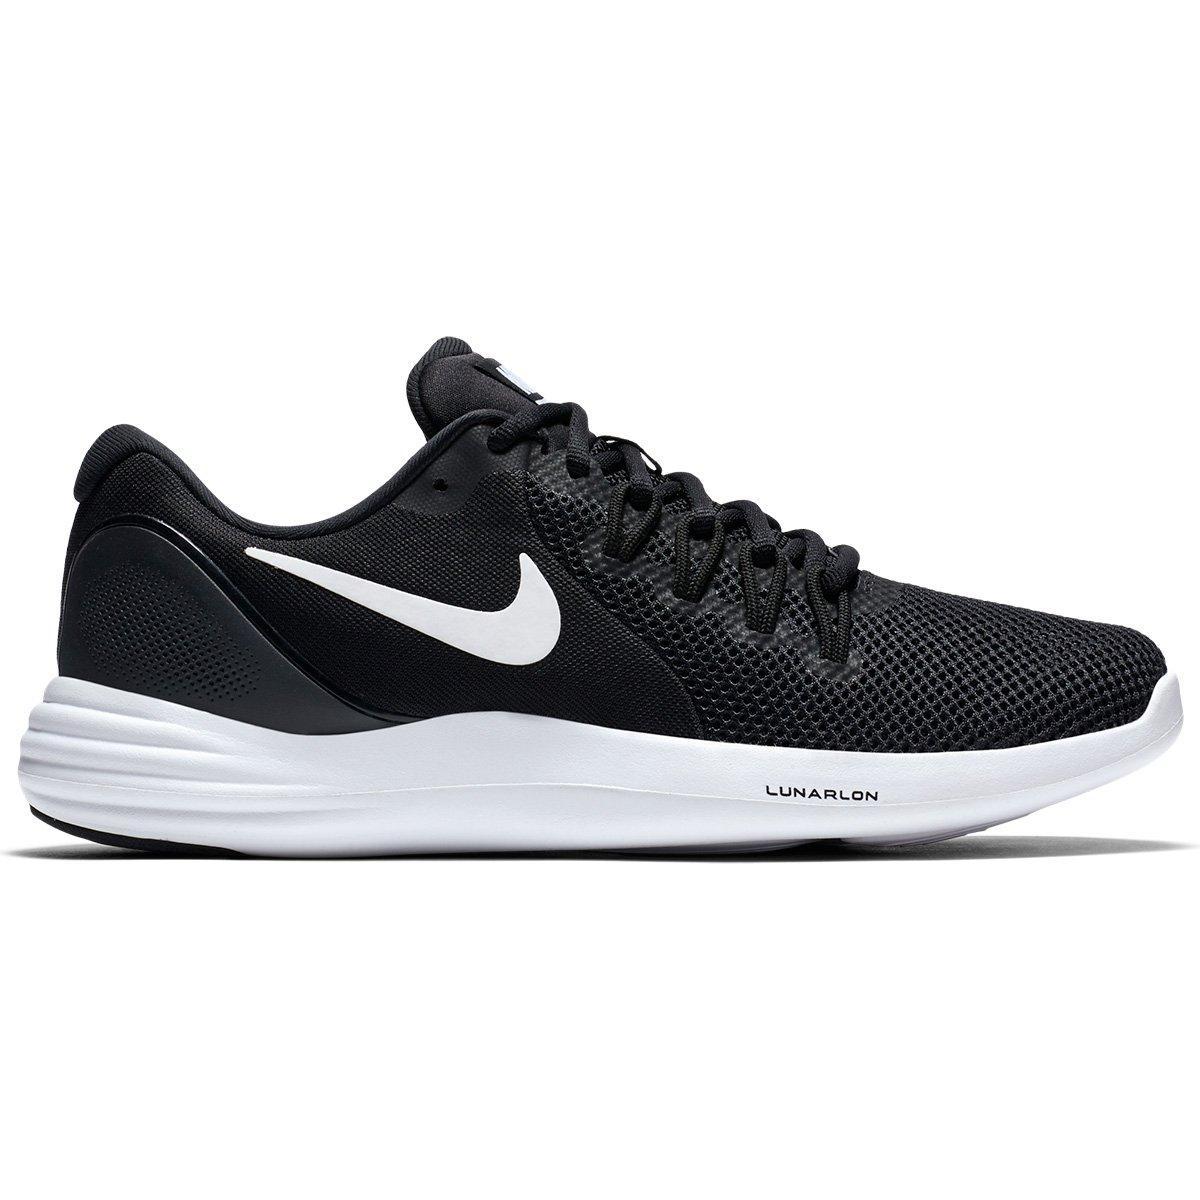 Tênis Nike Lunar Apparent Masculino - Compre Agora  df3fc02959eae